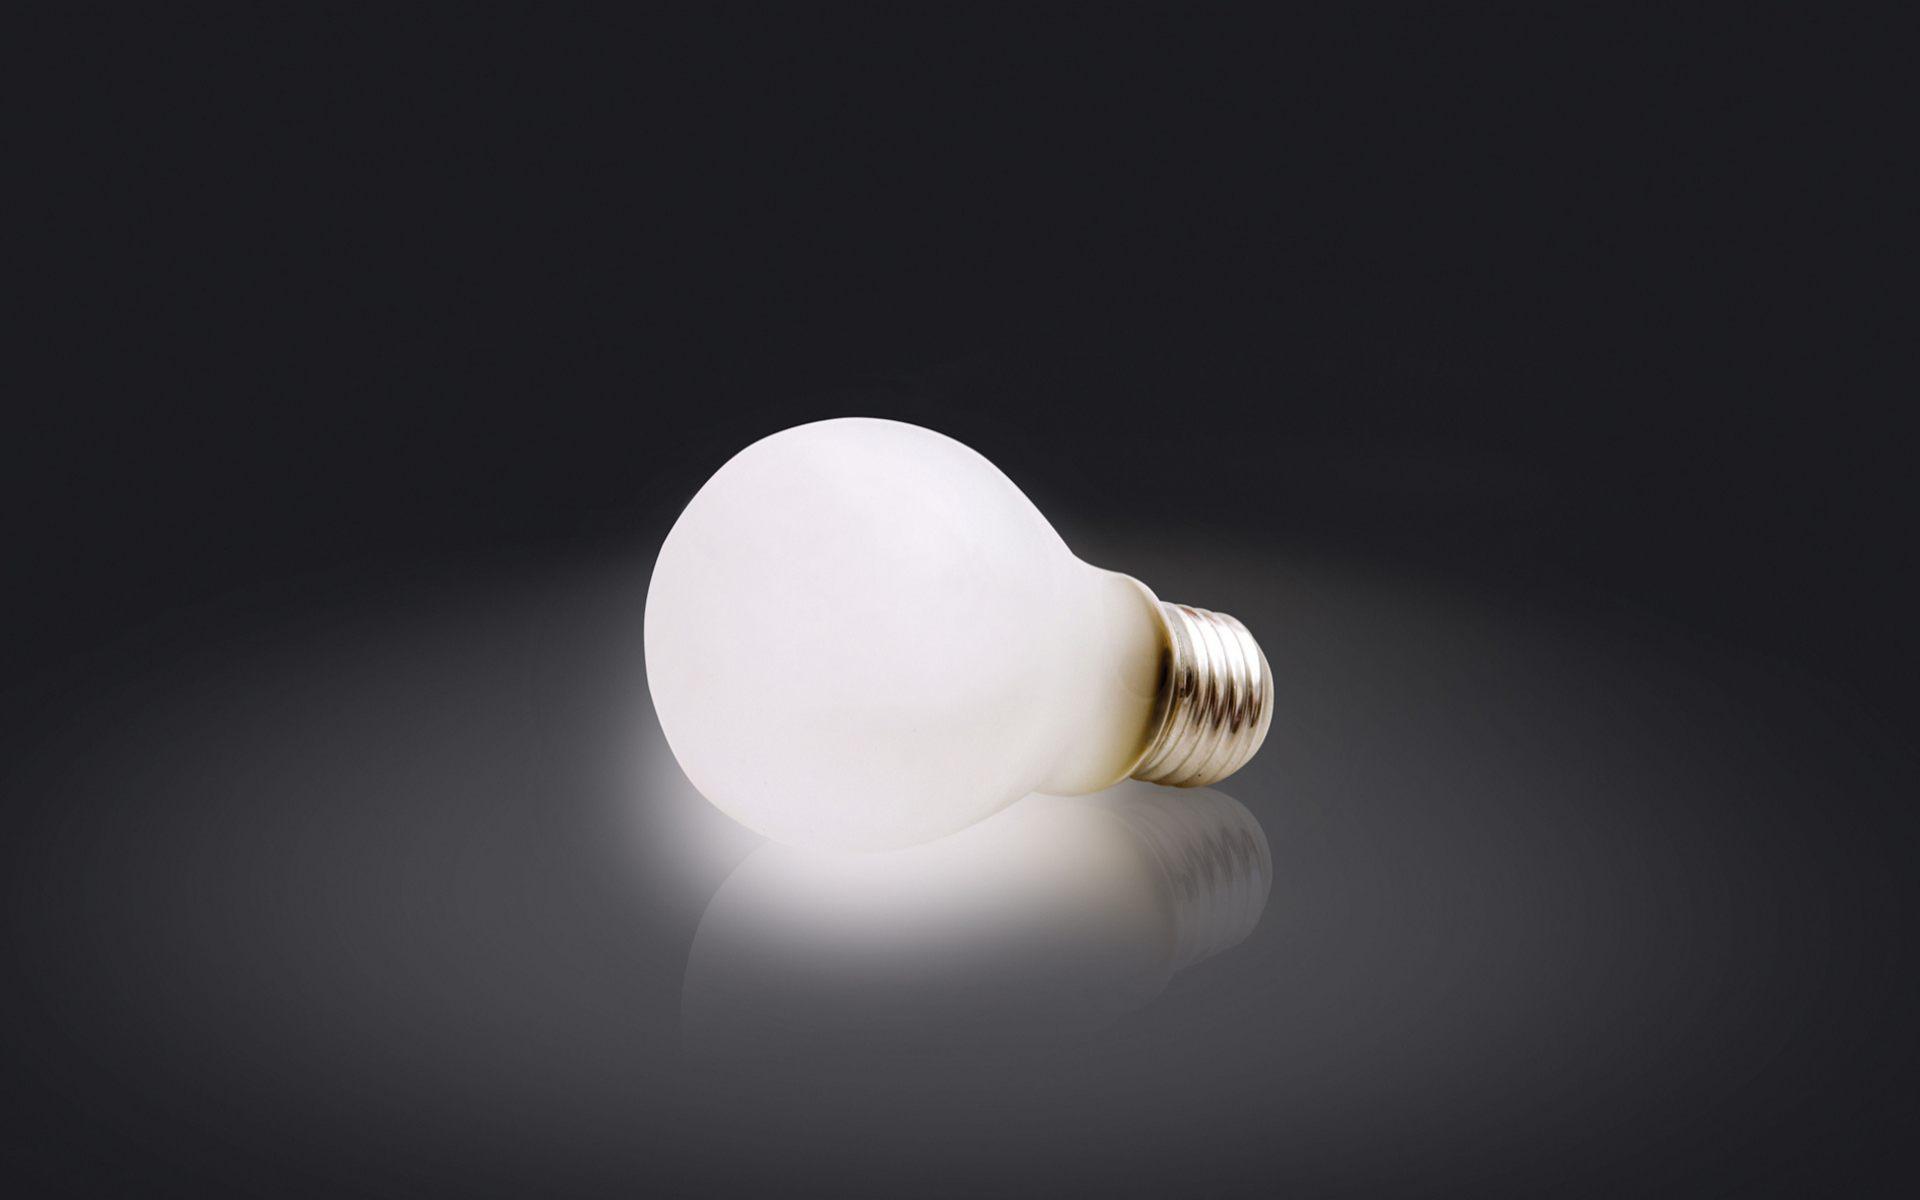 Lampa svet 1920x1200